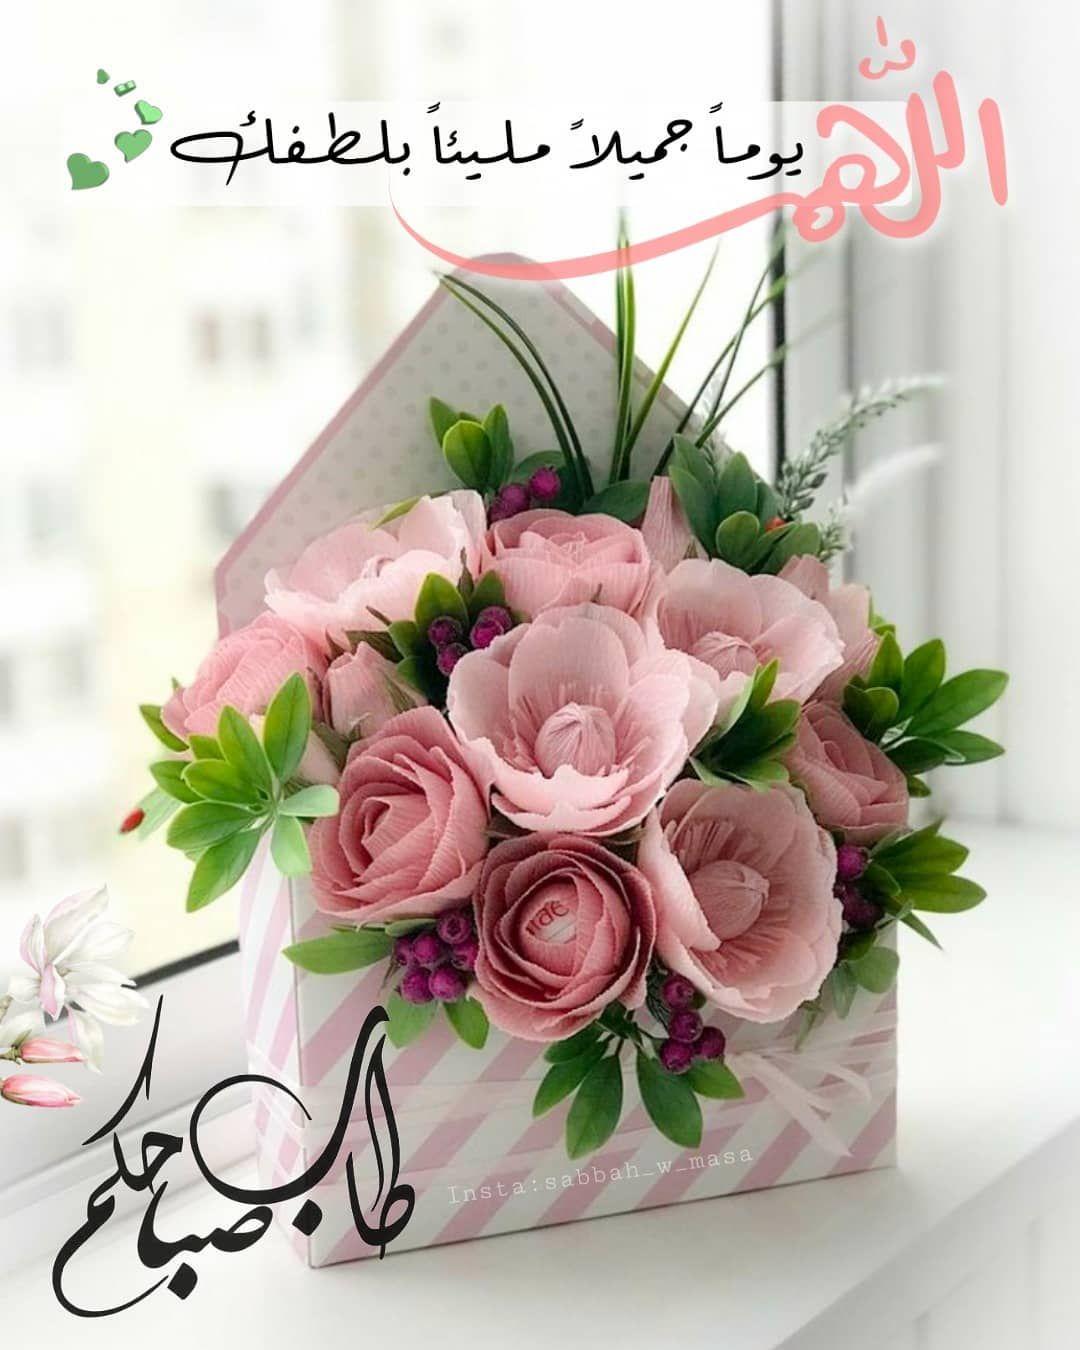 آمي ن ي آرب آل عآل مي ن Beautiful Morning Messages Good Morning Flowers Good Morning Greetings